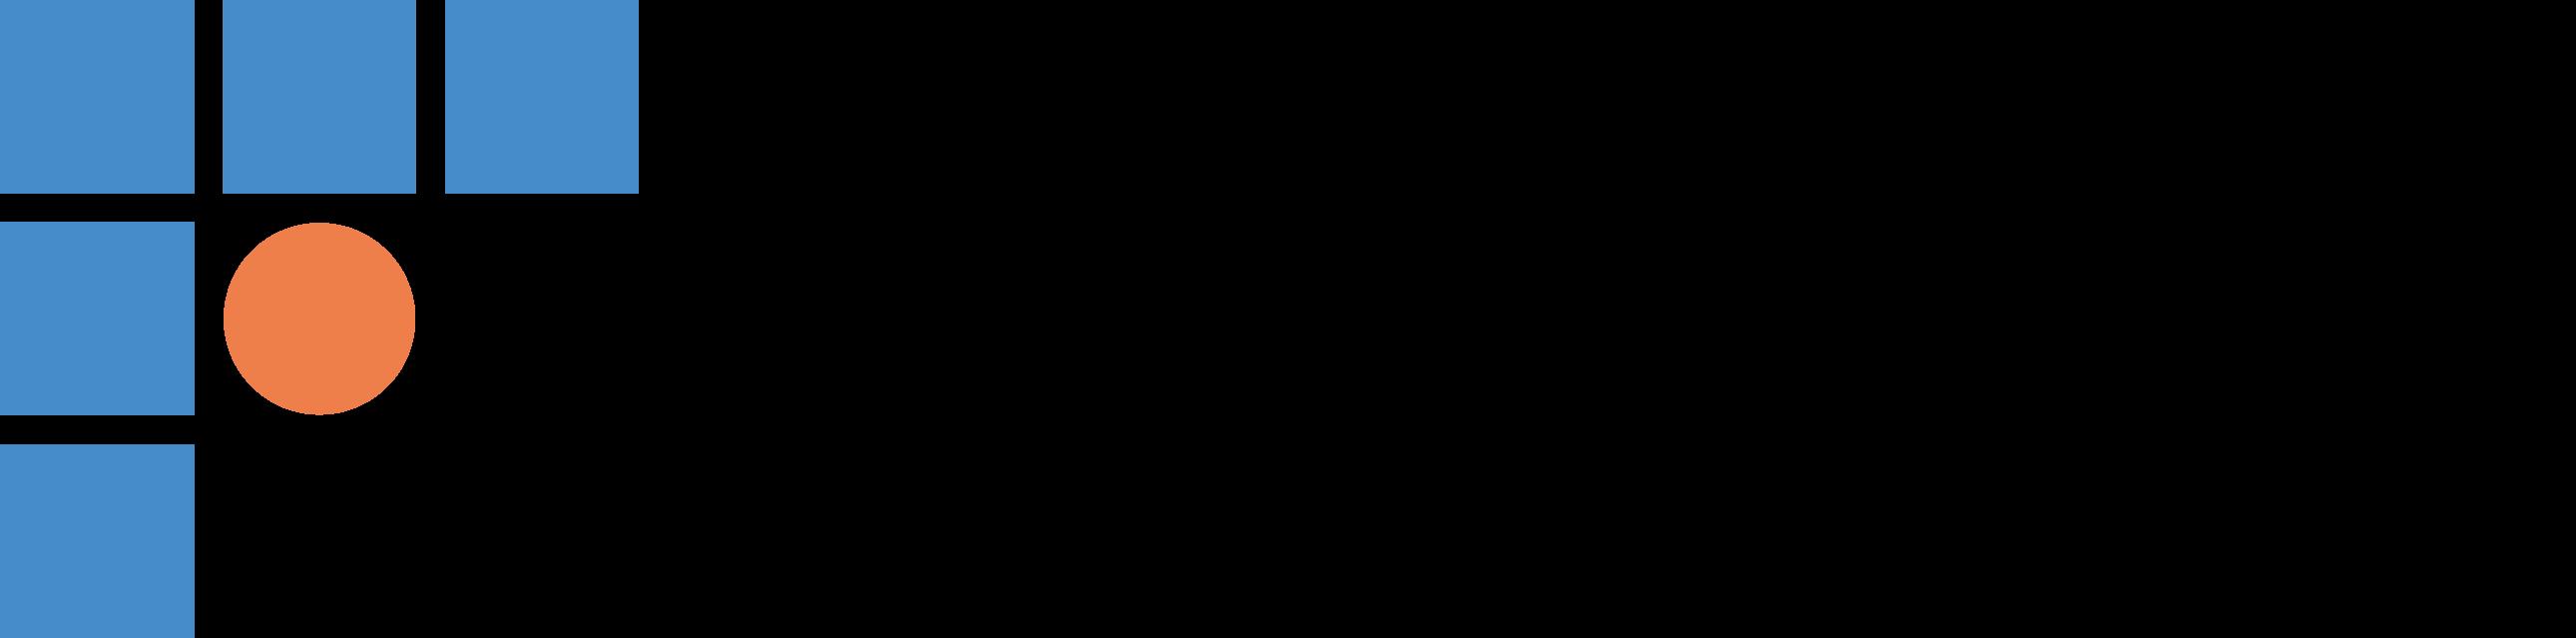 BitFlyerlogo